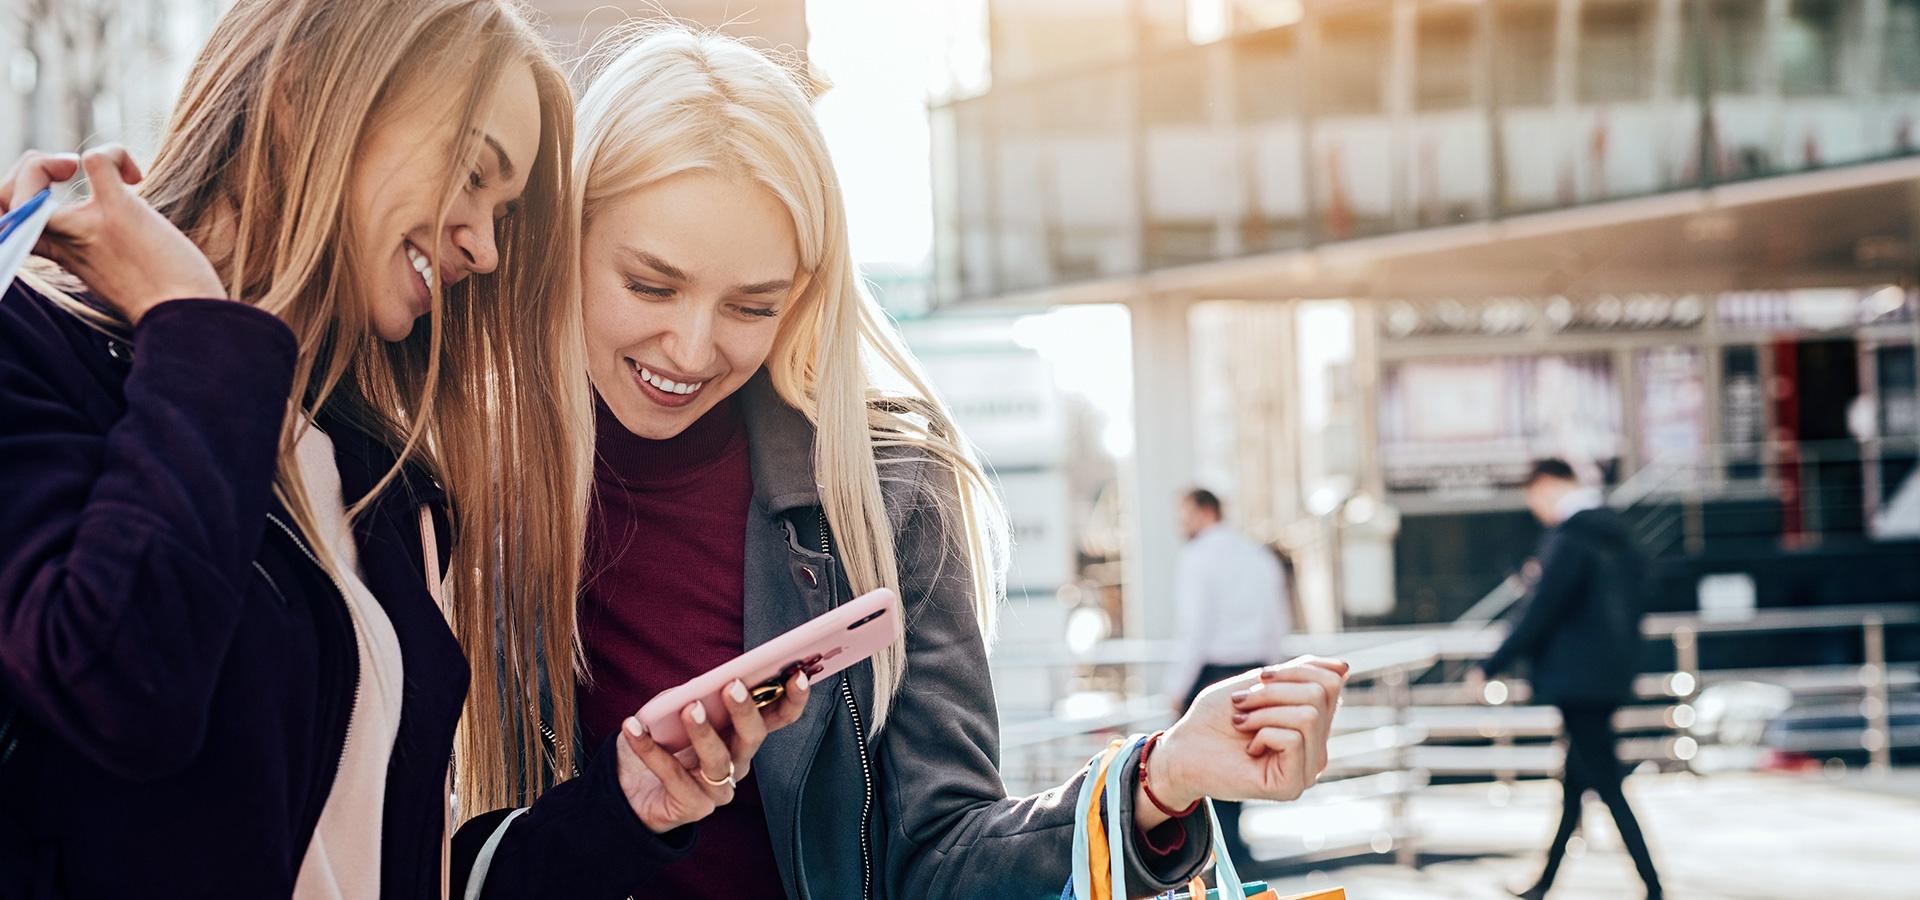 LINK Mobility - Zwei Frauen beim Shoppen mit ihrem Smartphone, Mehr Conversions für eCommerce & stationären Handel